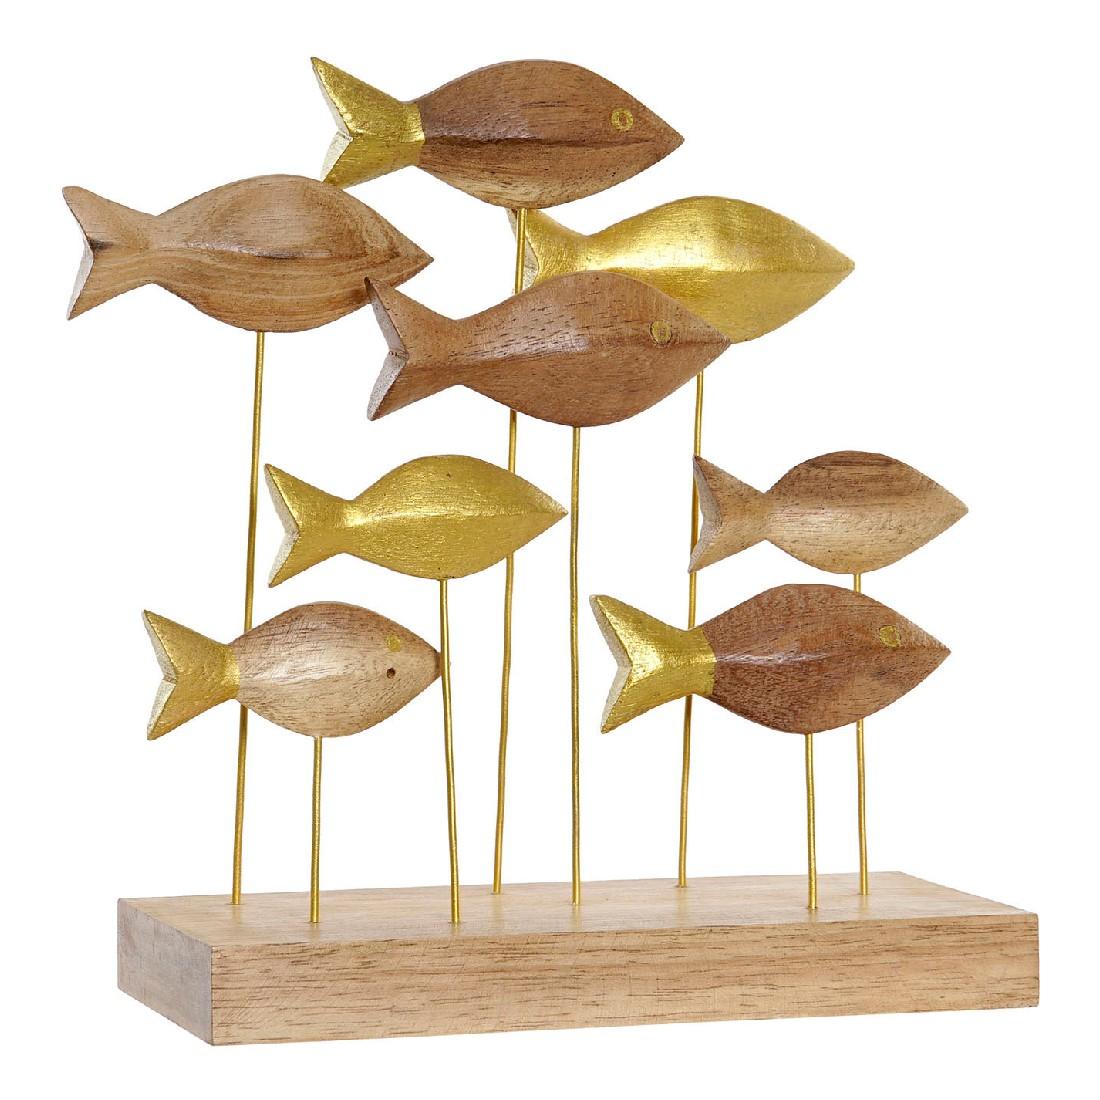 Figurine Pesce Bois Naturel et Or